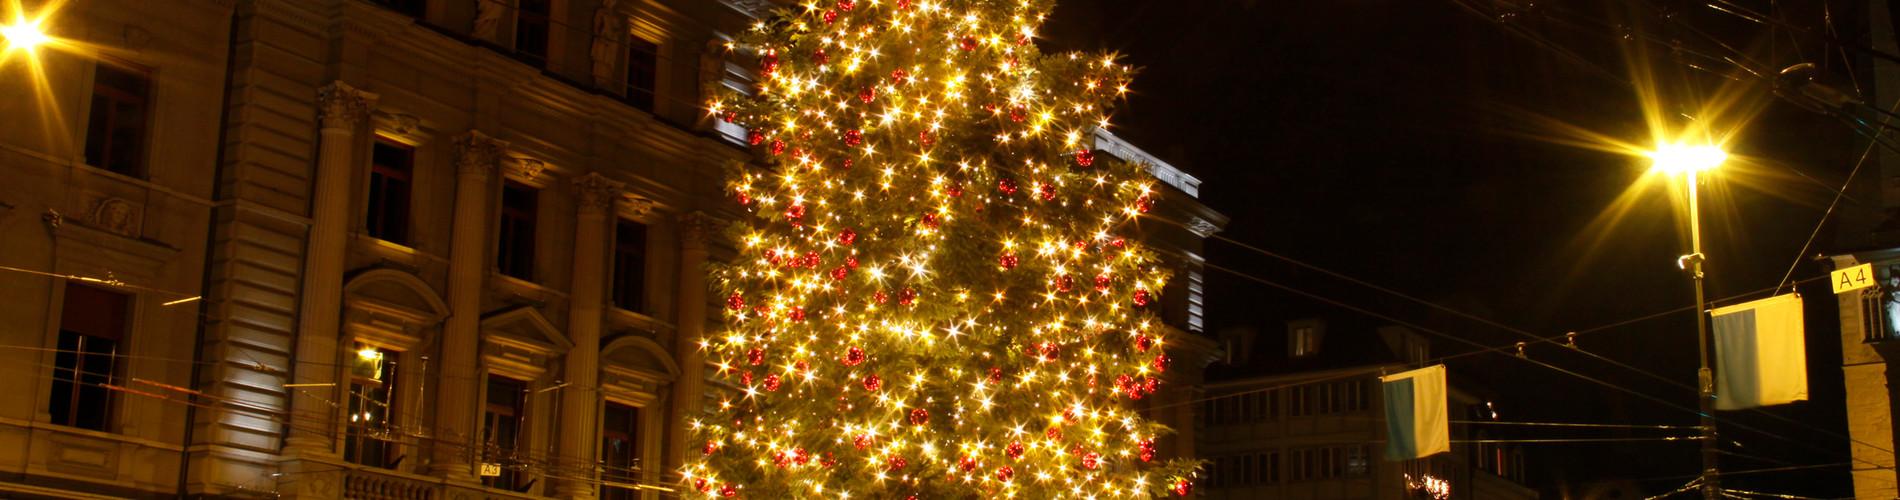 sch nster weihnachtsbaum weihnachten luzern